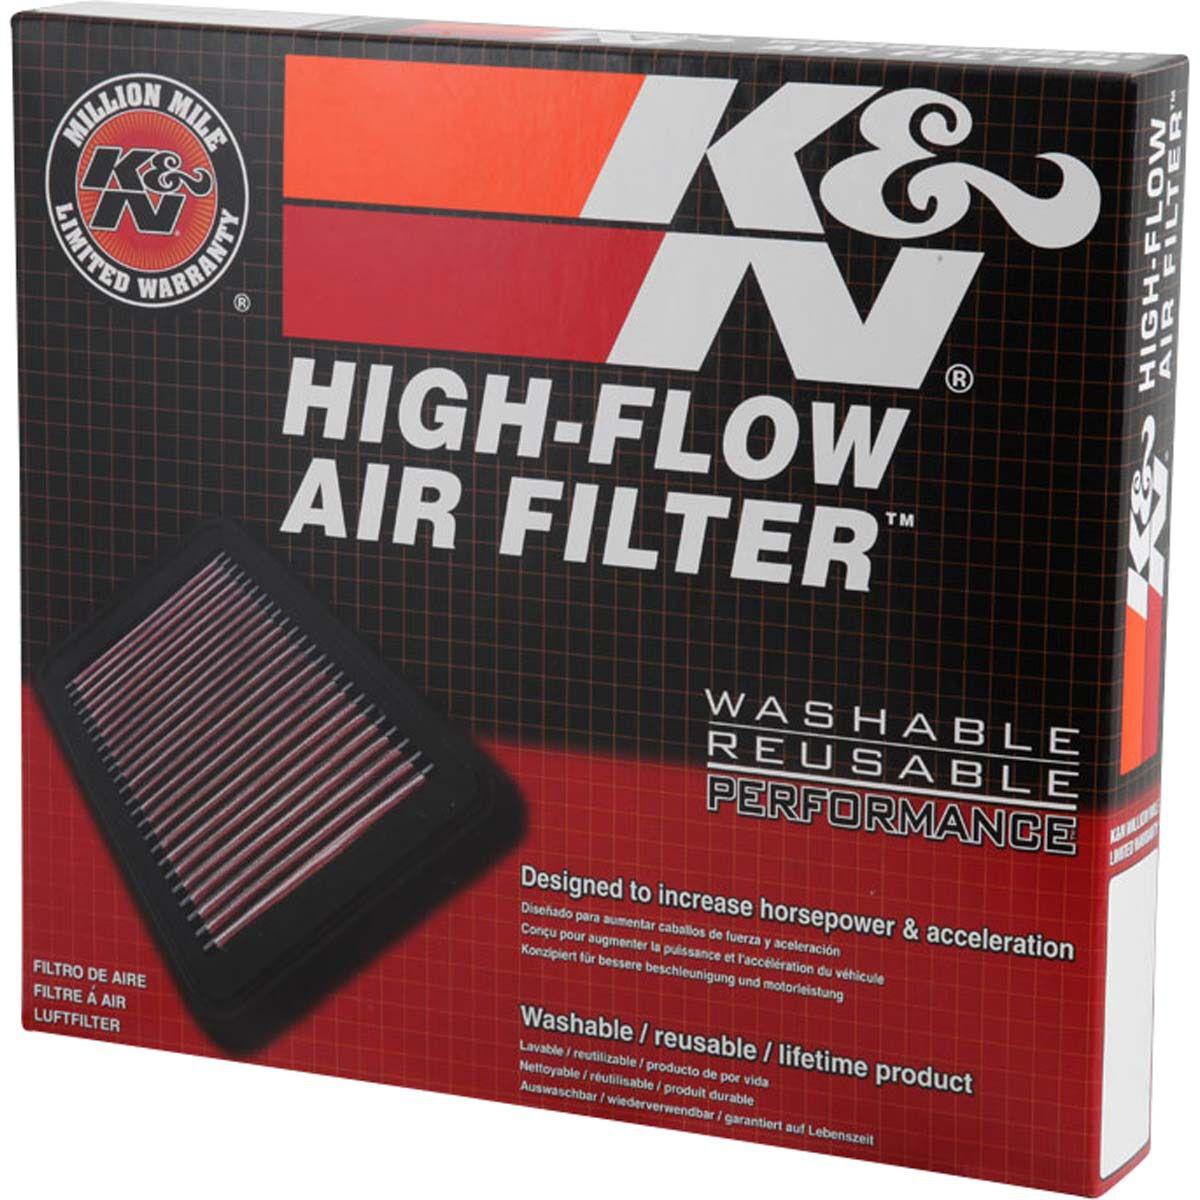 33-2951 Filtro de aire filtro k/&n filters